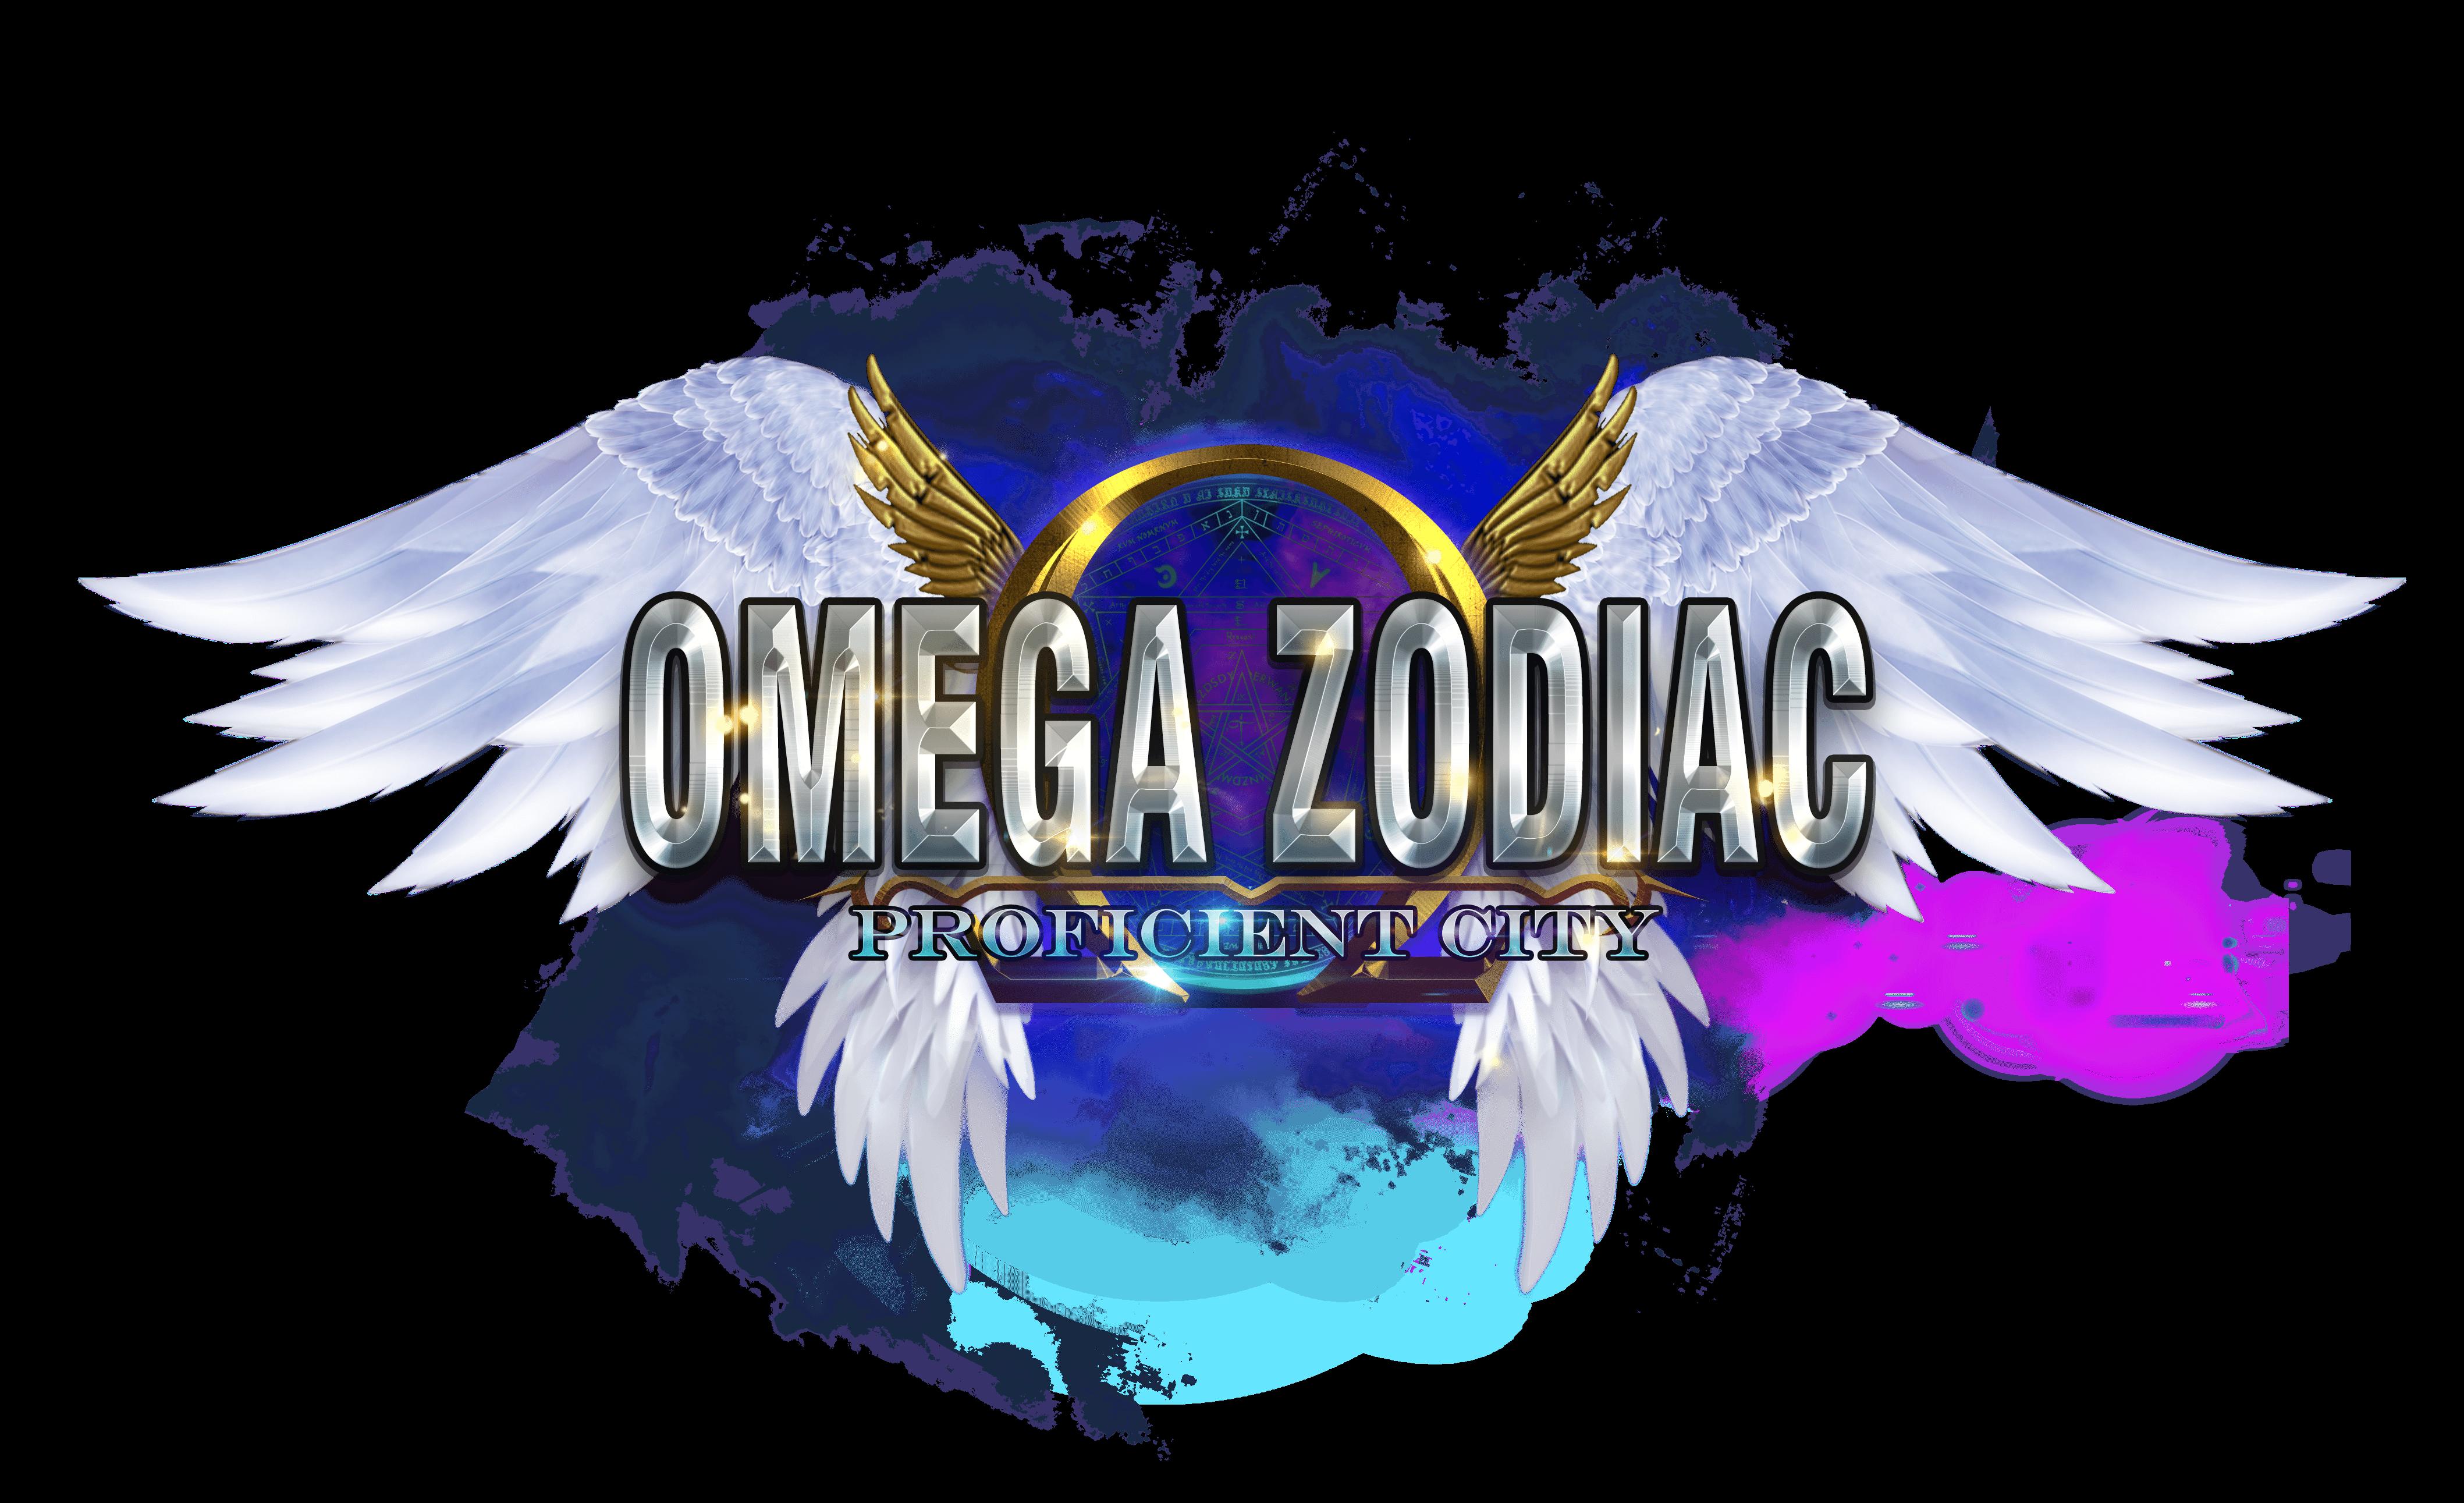 Omega Zodiac Lets You Fight Alongside the Goddess Athena, Launching Aug. 17